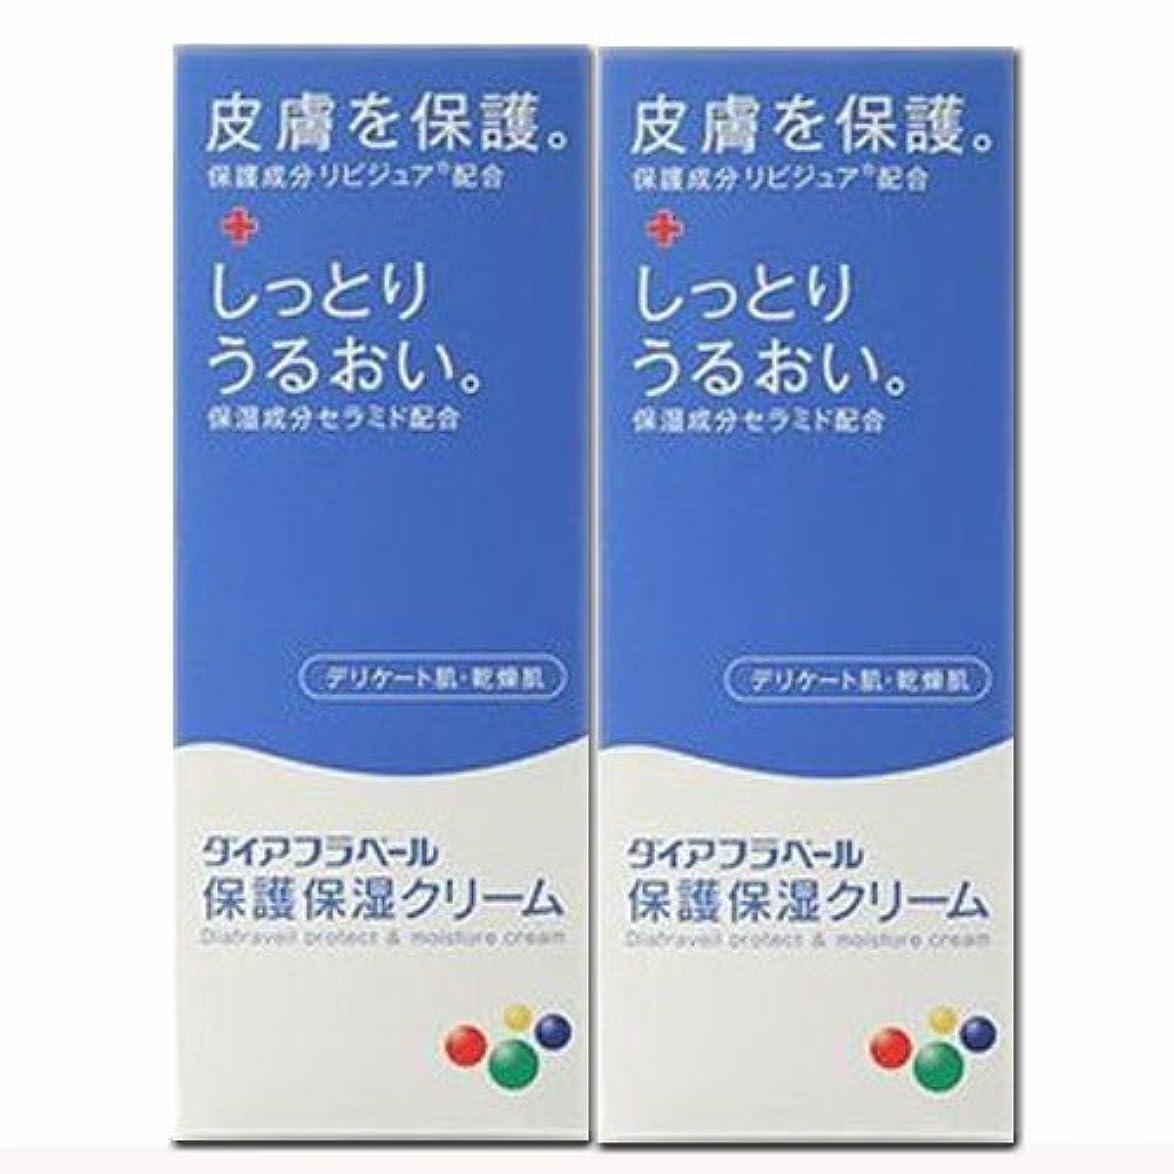 適度な誇り文句を言う【2個】ダイアフラベール 保護保湿クリーム 60gx2個 (4987360200539-2)